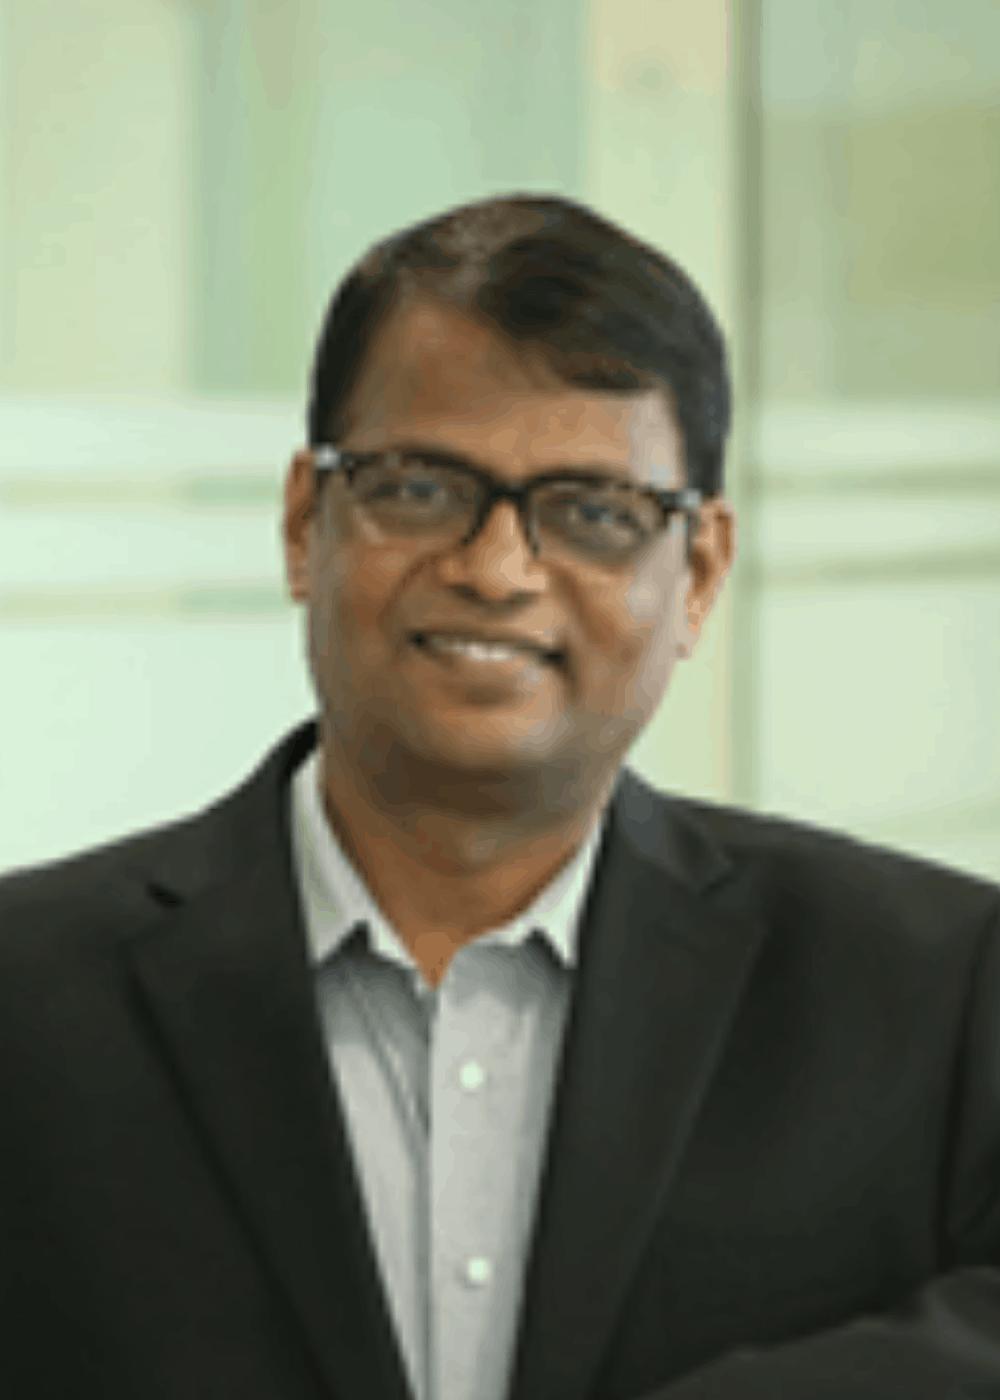 Venkat Narayan